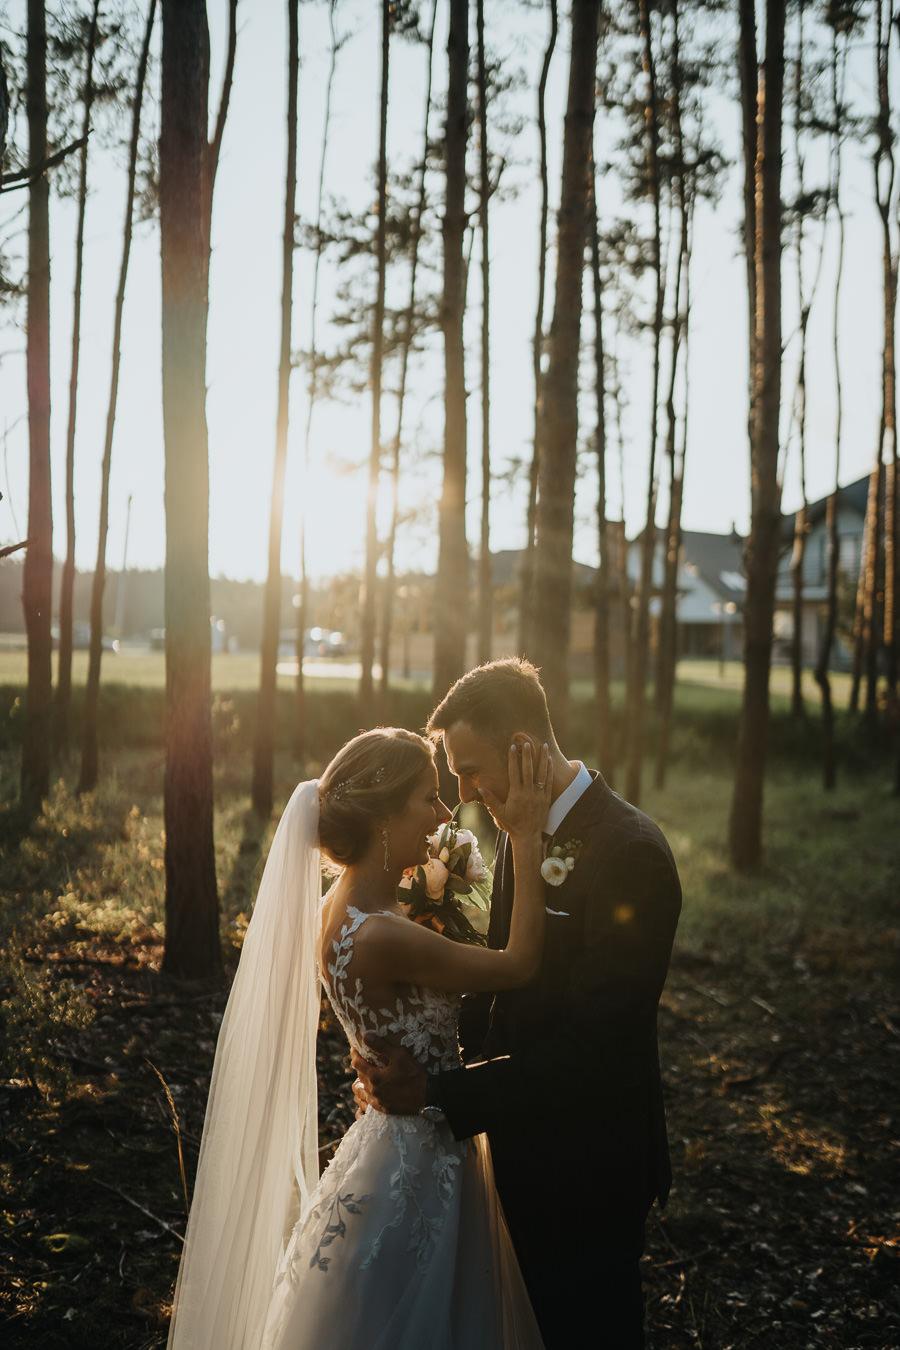 wesele-zalecze-male-fotograf-slubny-wielun-wilczkiewicz-900px-00117 118